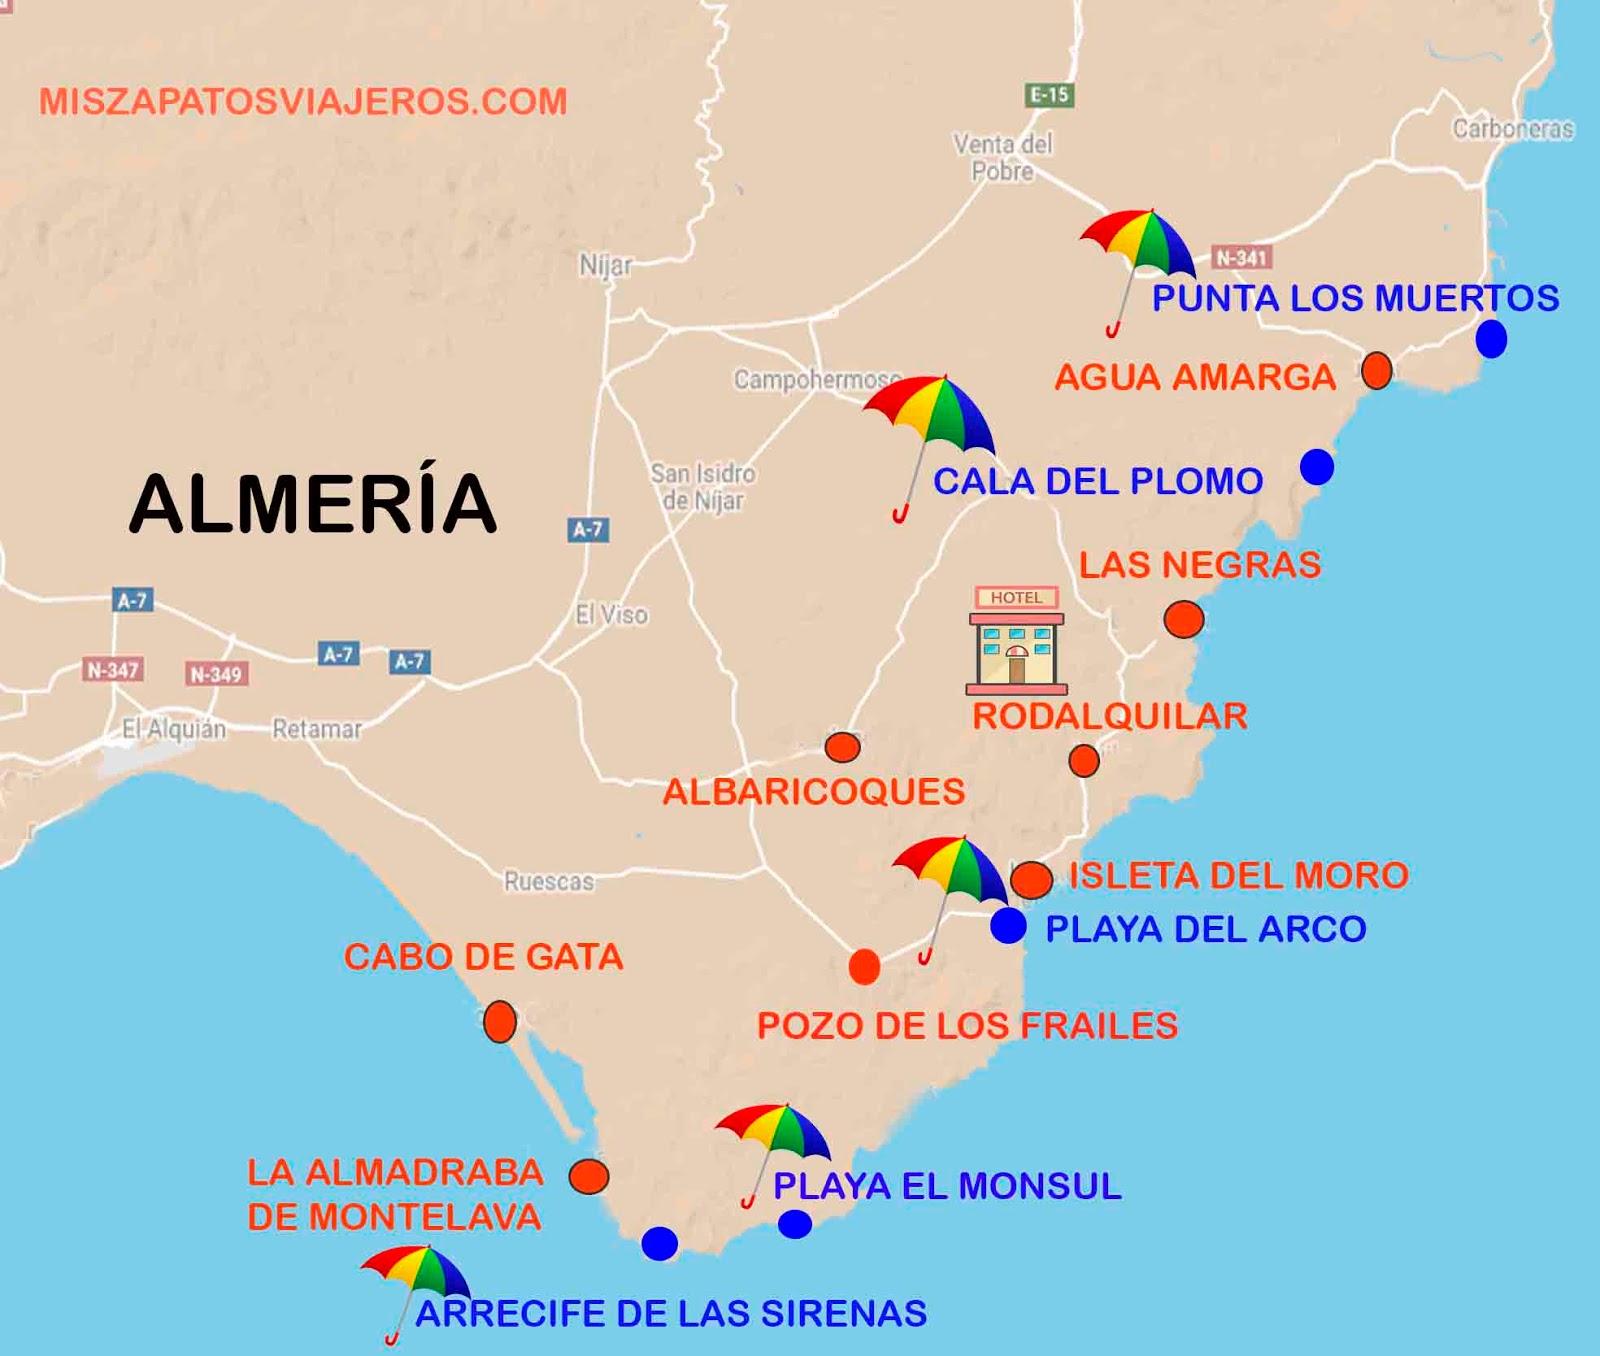 Cabo De Gata Mapa.Miszapatosviajeros Recorrido Por Cabo De Gata Almeria Parte I